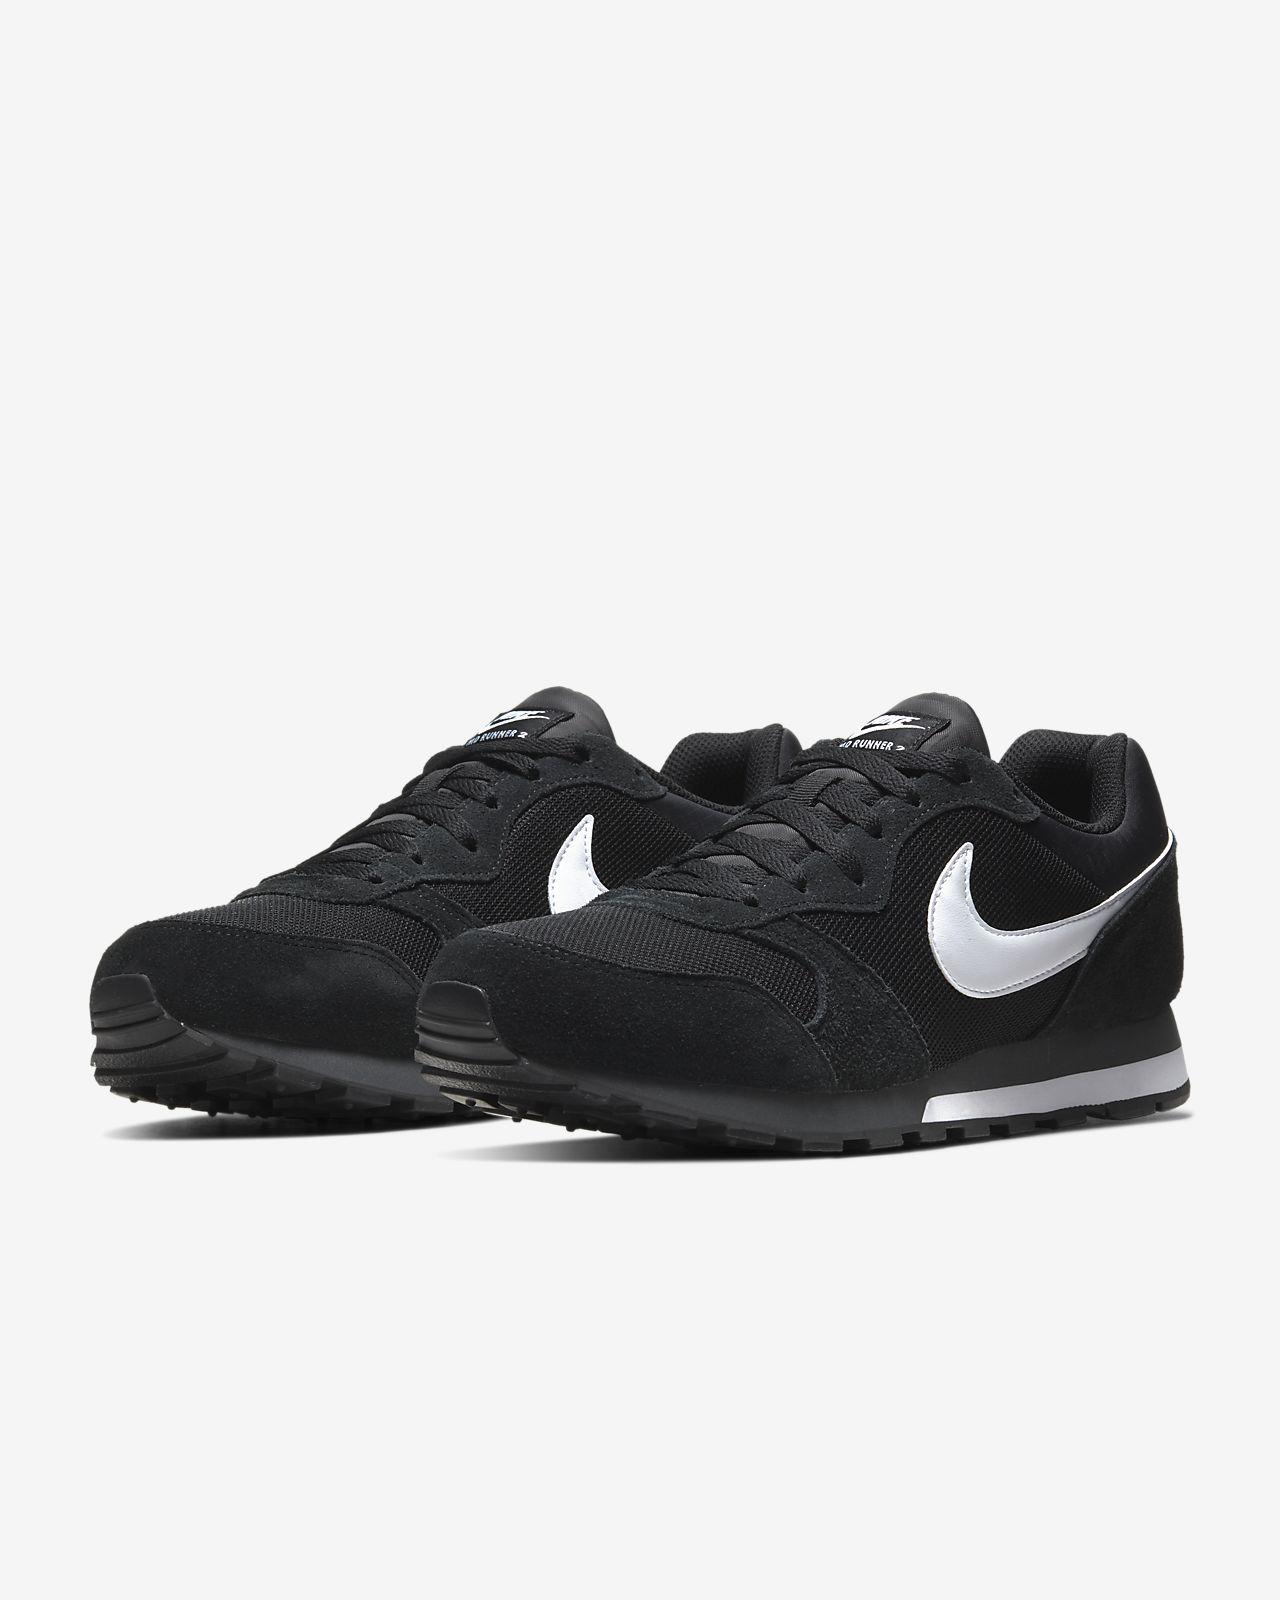 Nike Md Runner 2 Hombre Cheap Online